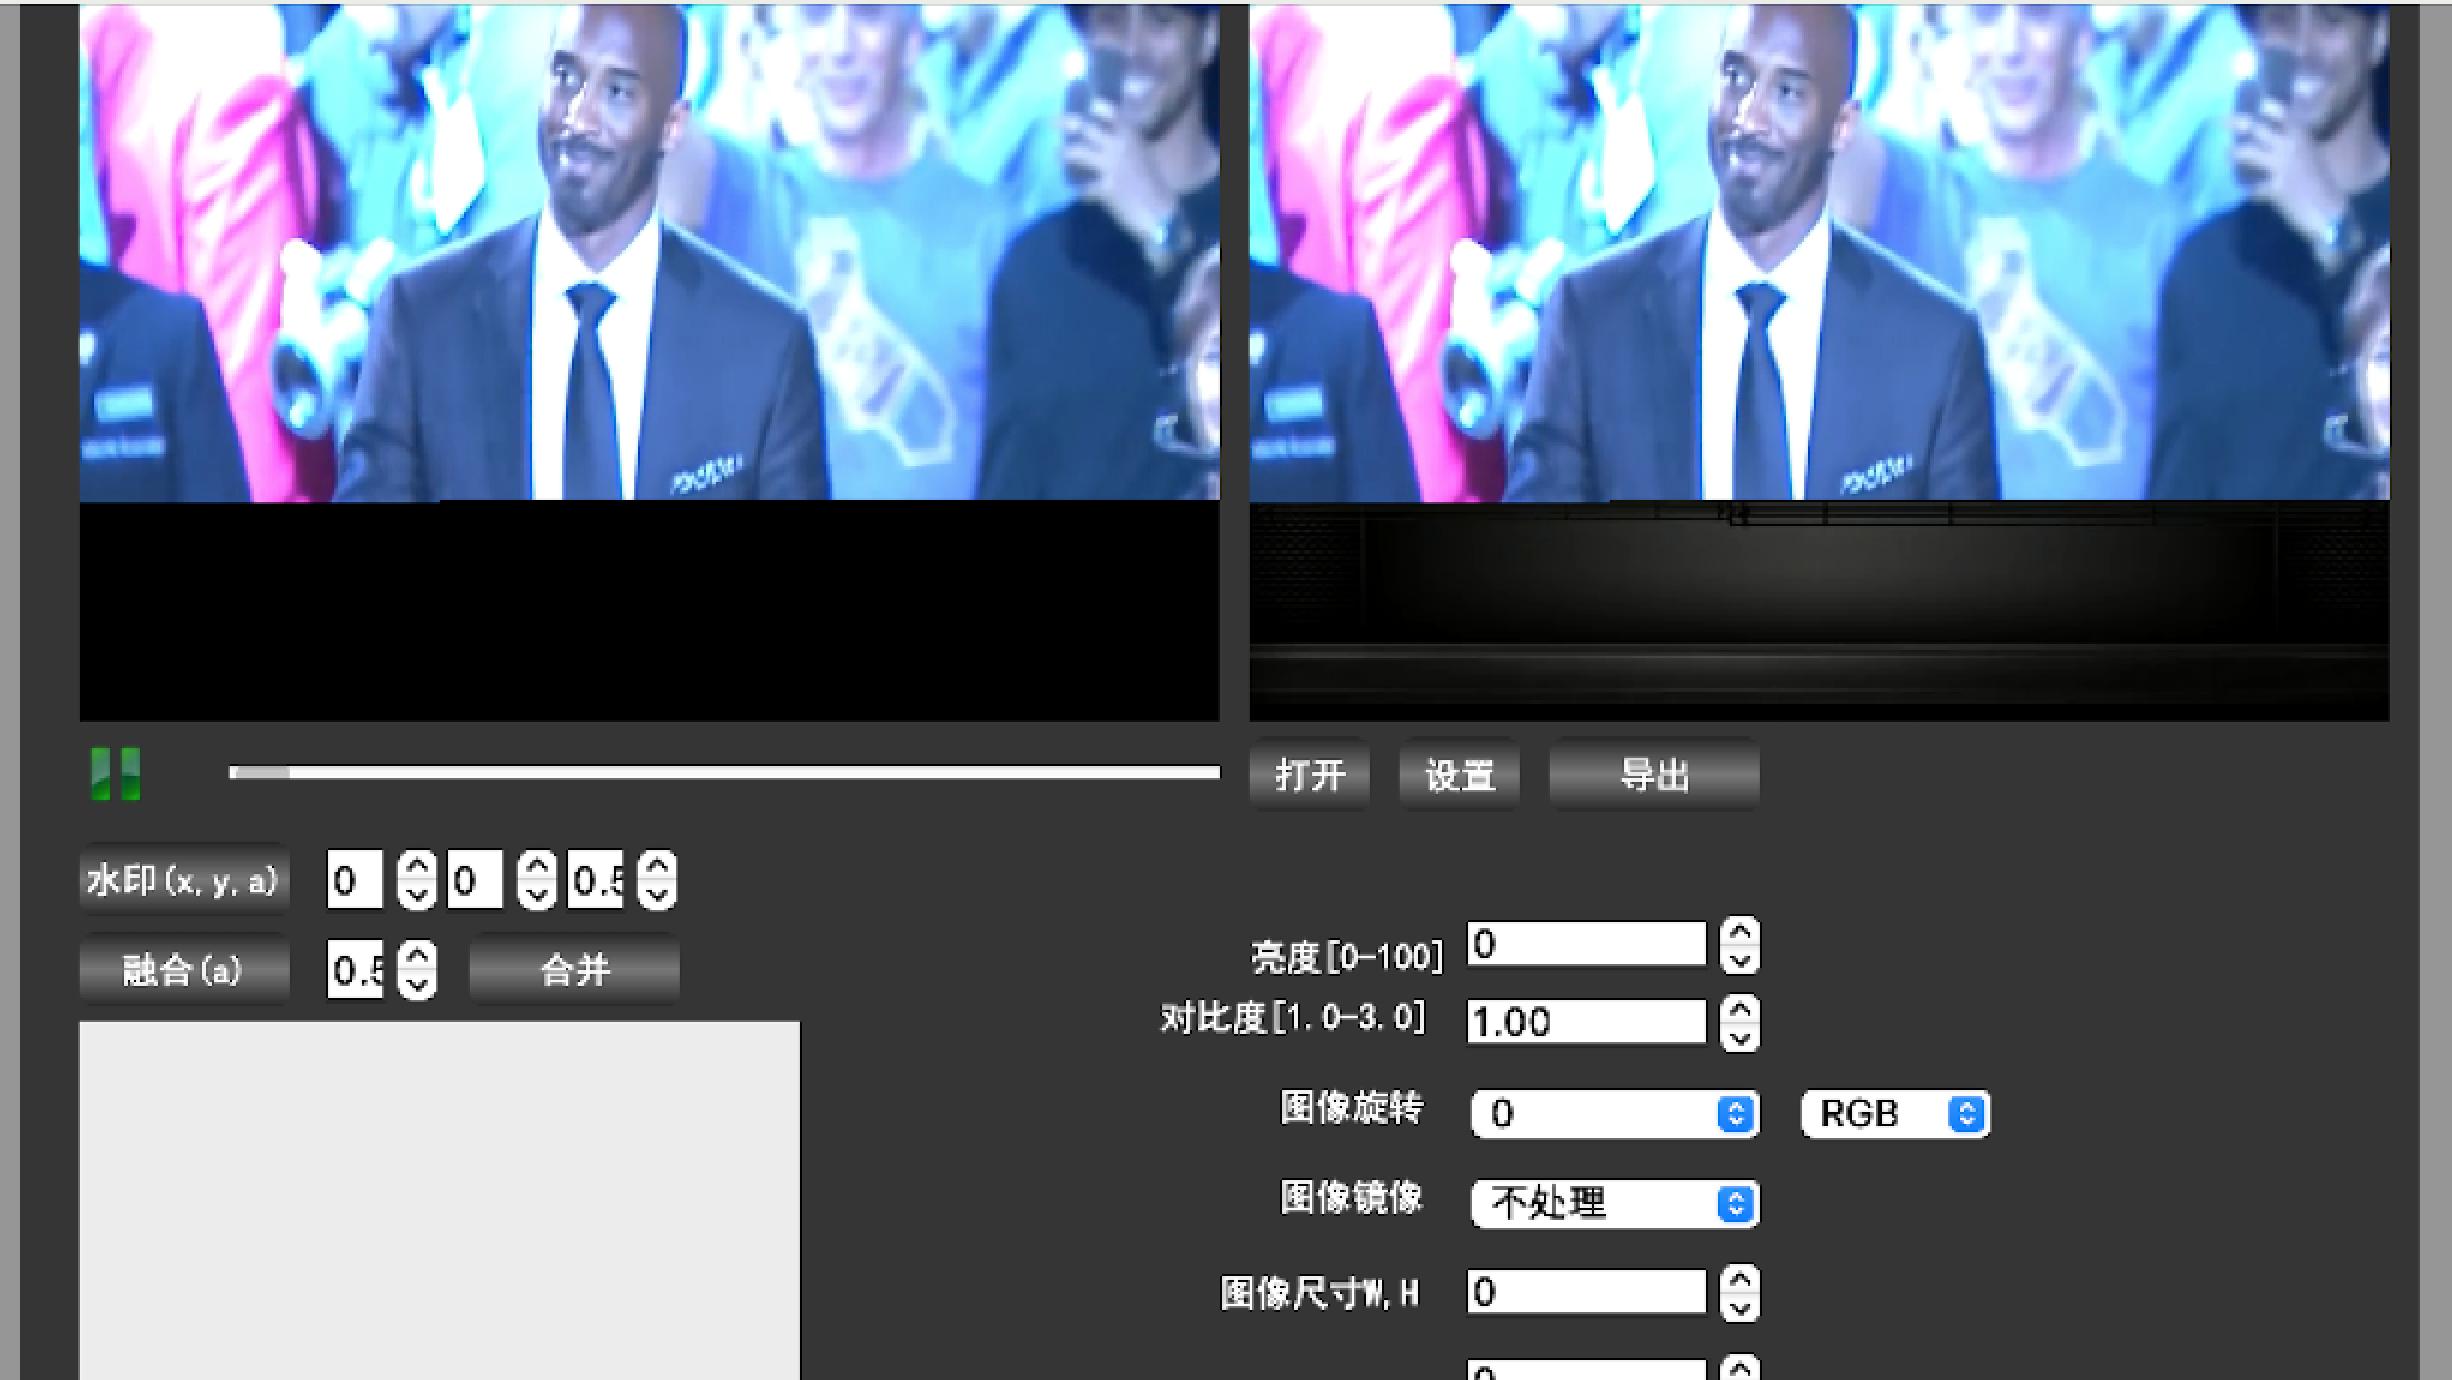 基于OpenCV+QT开发超实用的视频编辑器